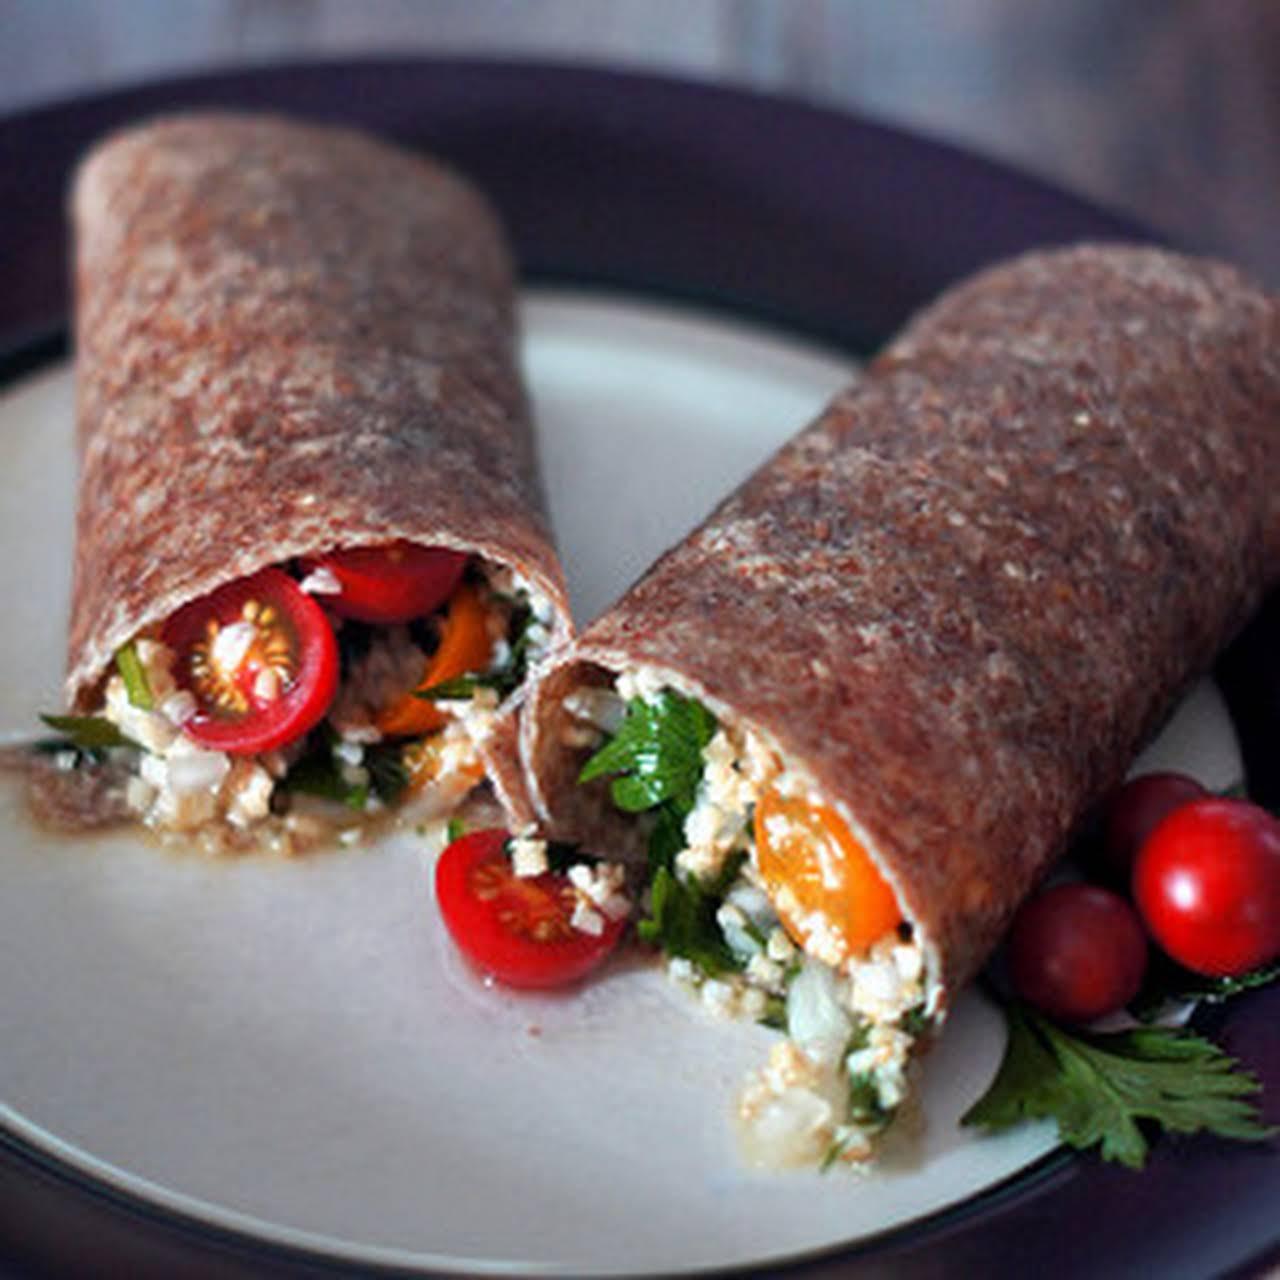 Tabouli Salad (tabouleh tabbouleh tabbouli)